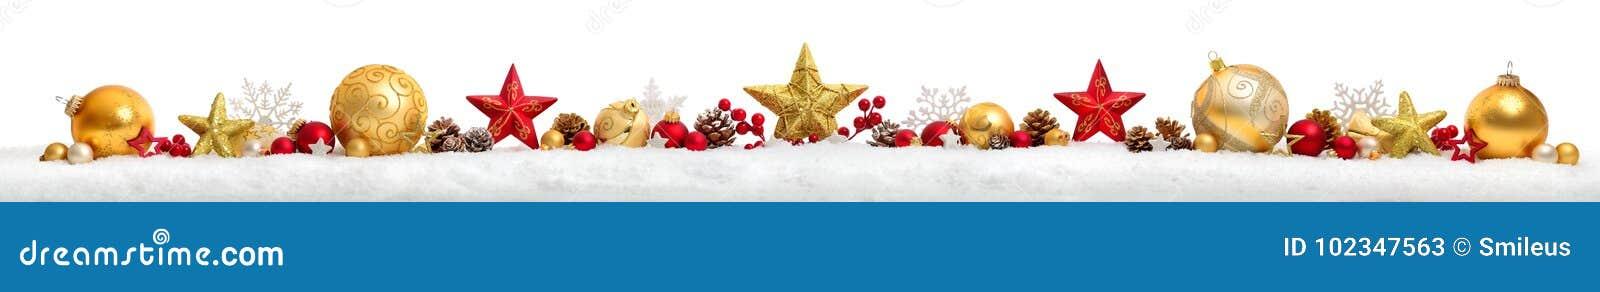 Σύνορα ή έμβλημα Χριστουγέννων με τα αστέρια και τα μπιχλιμπίδια, άσπρο backgro